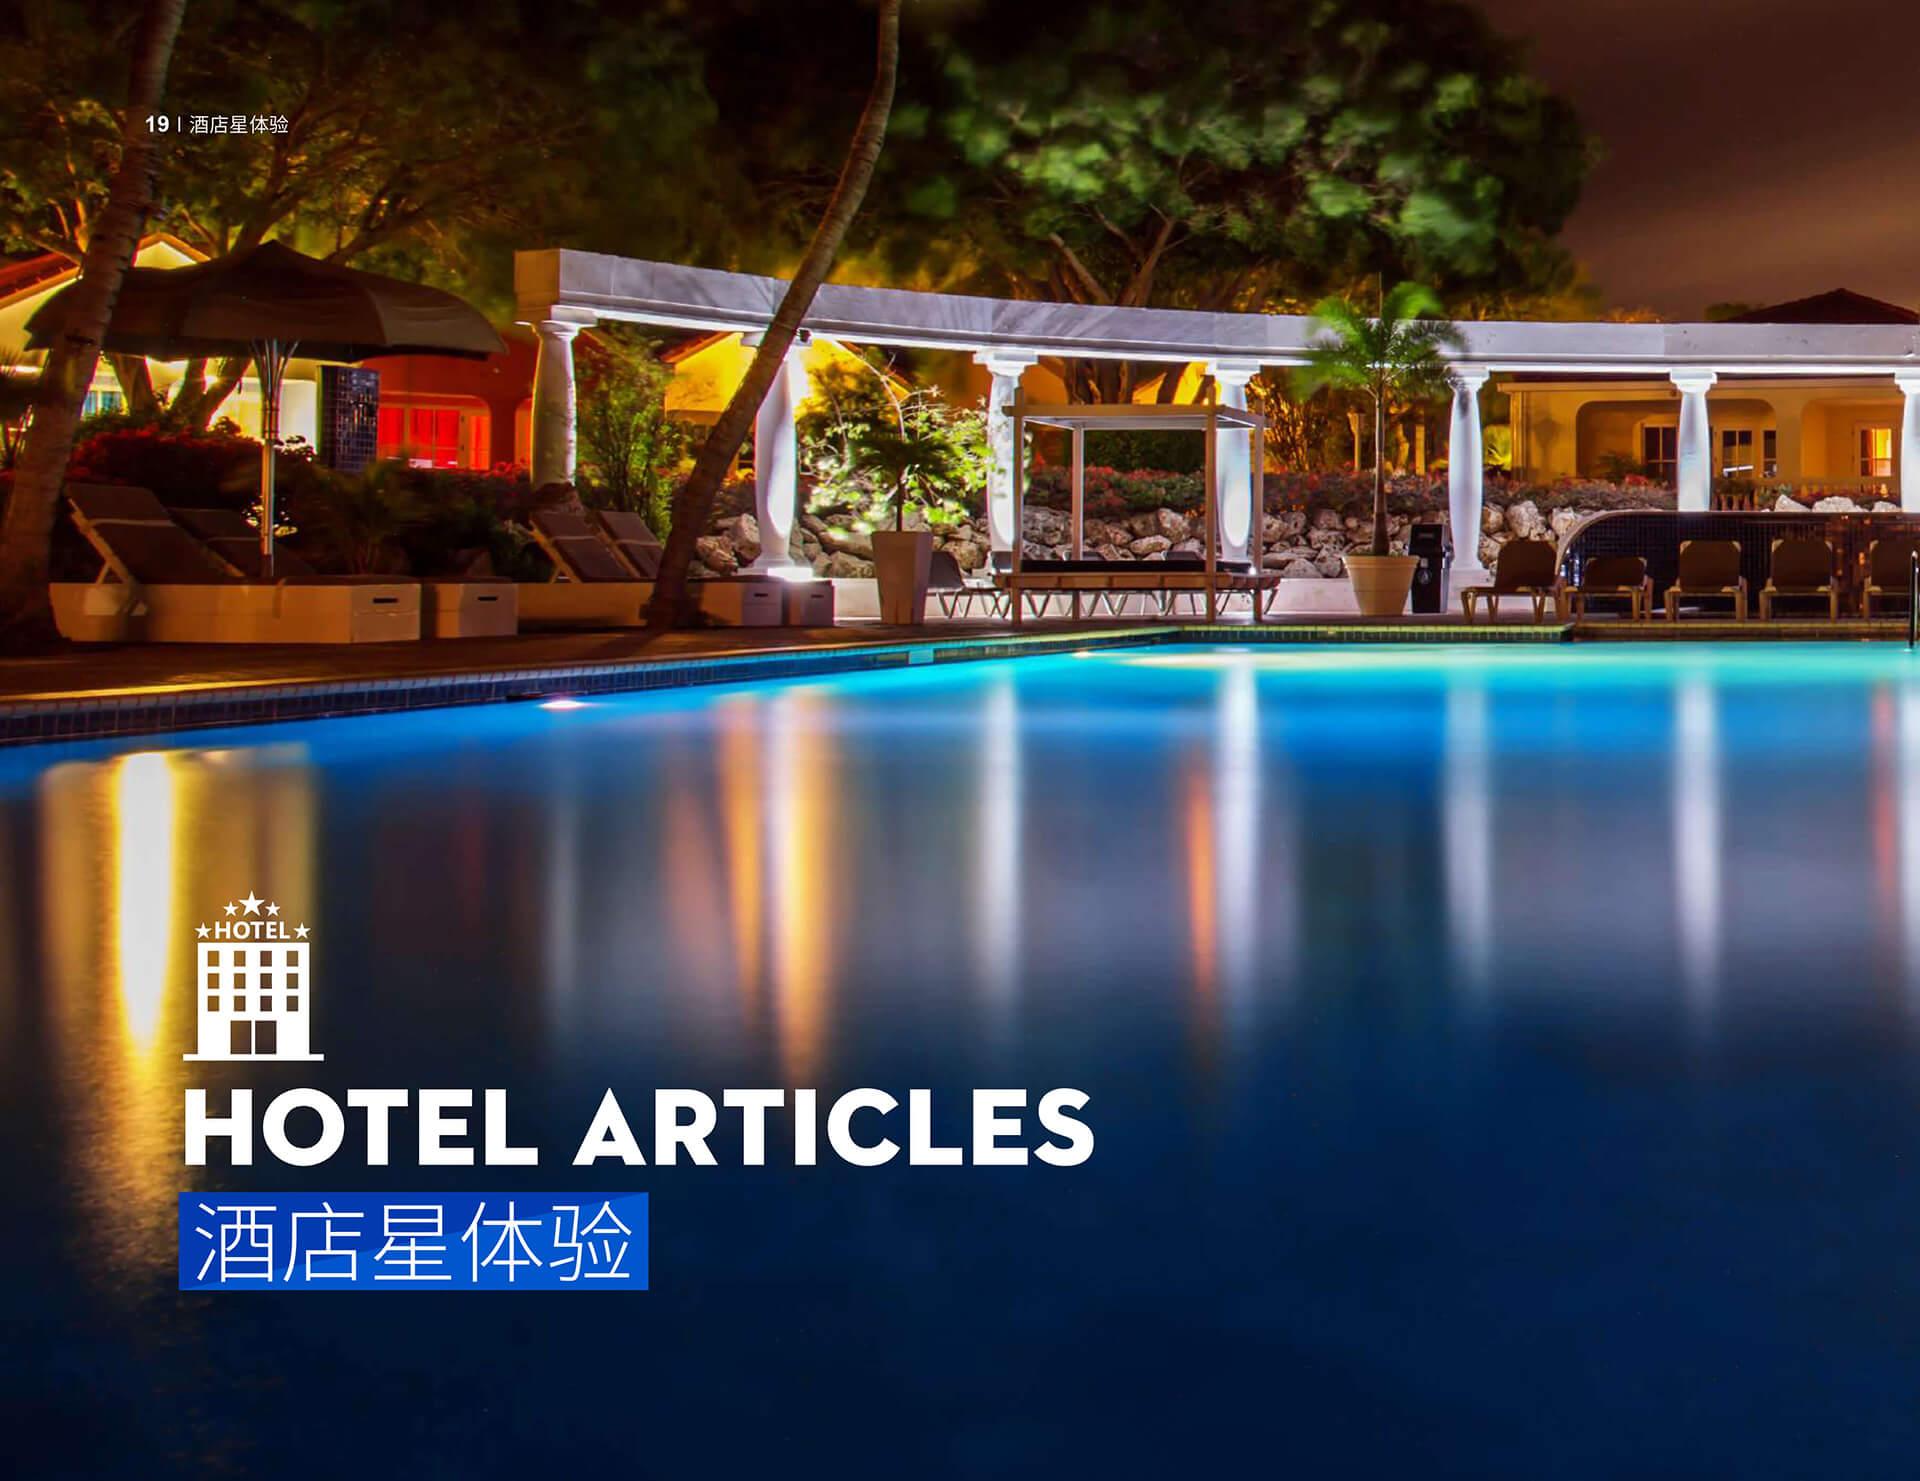 酒店星体验